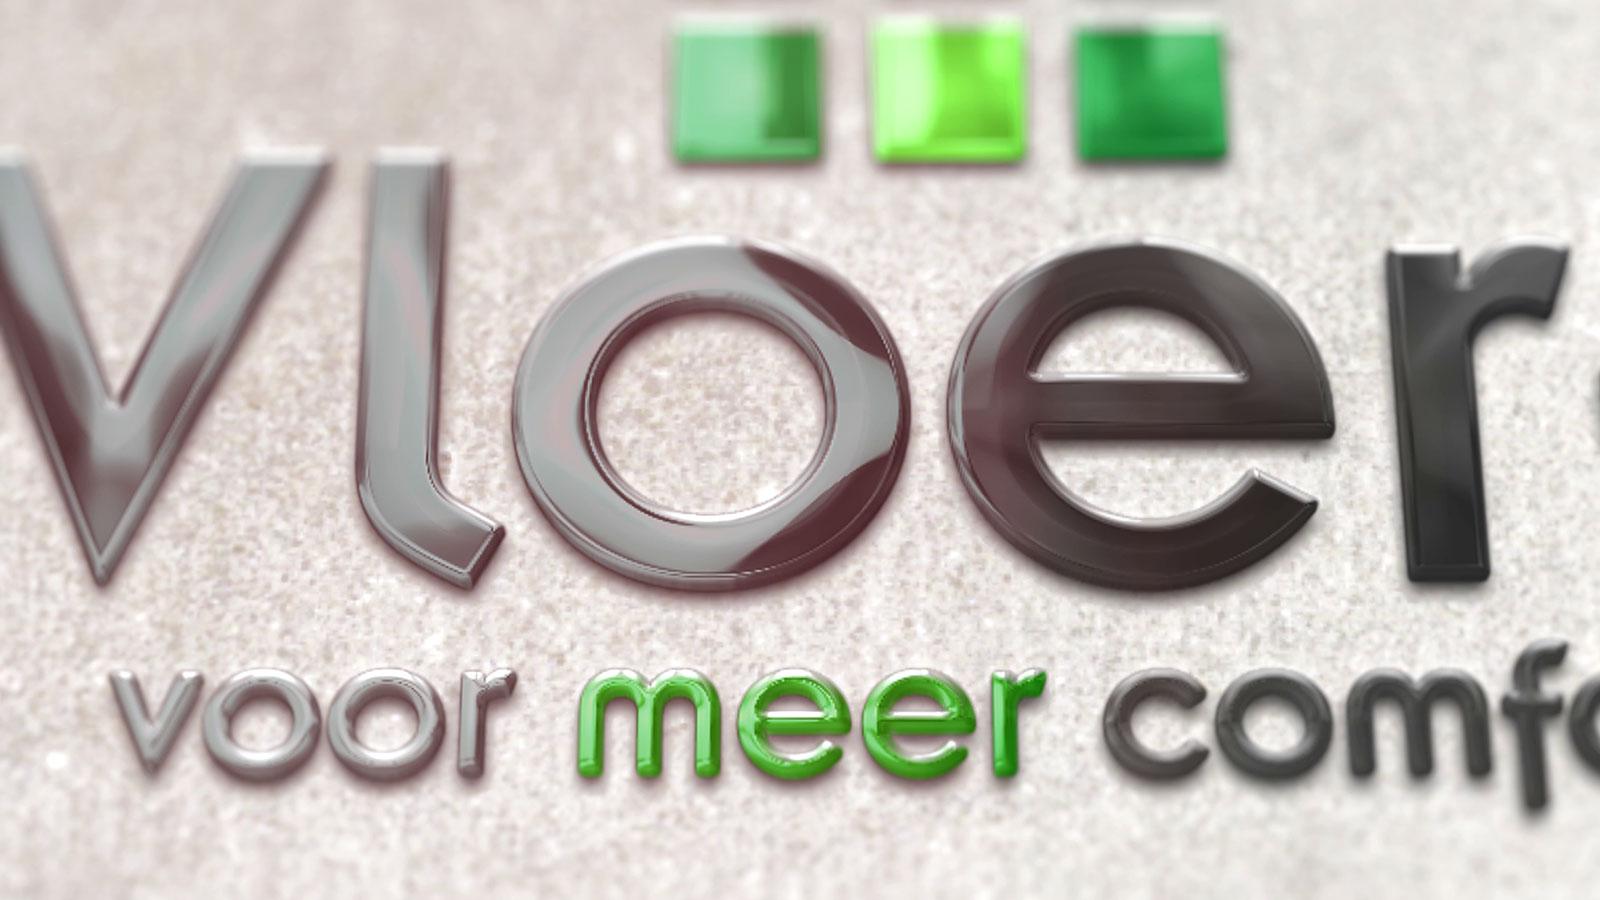 Vloer-plus-voor-meer-comfort-logo